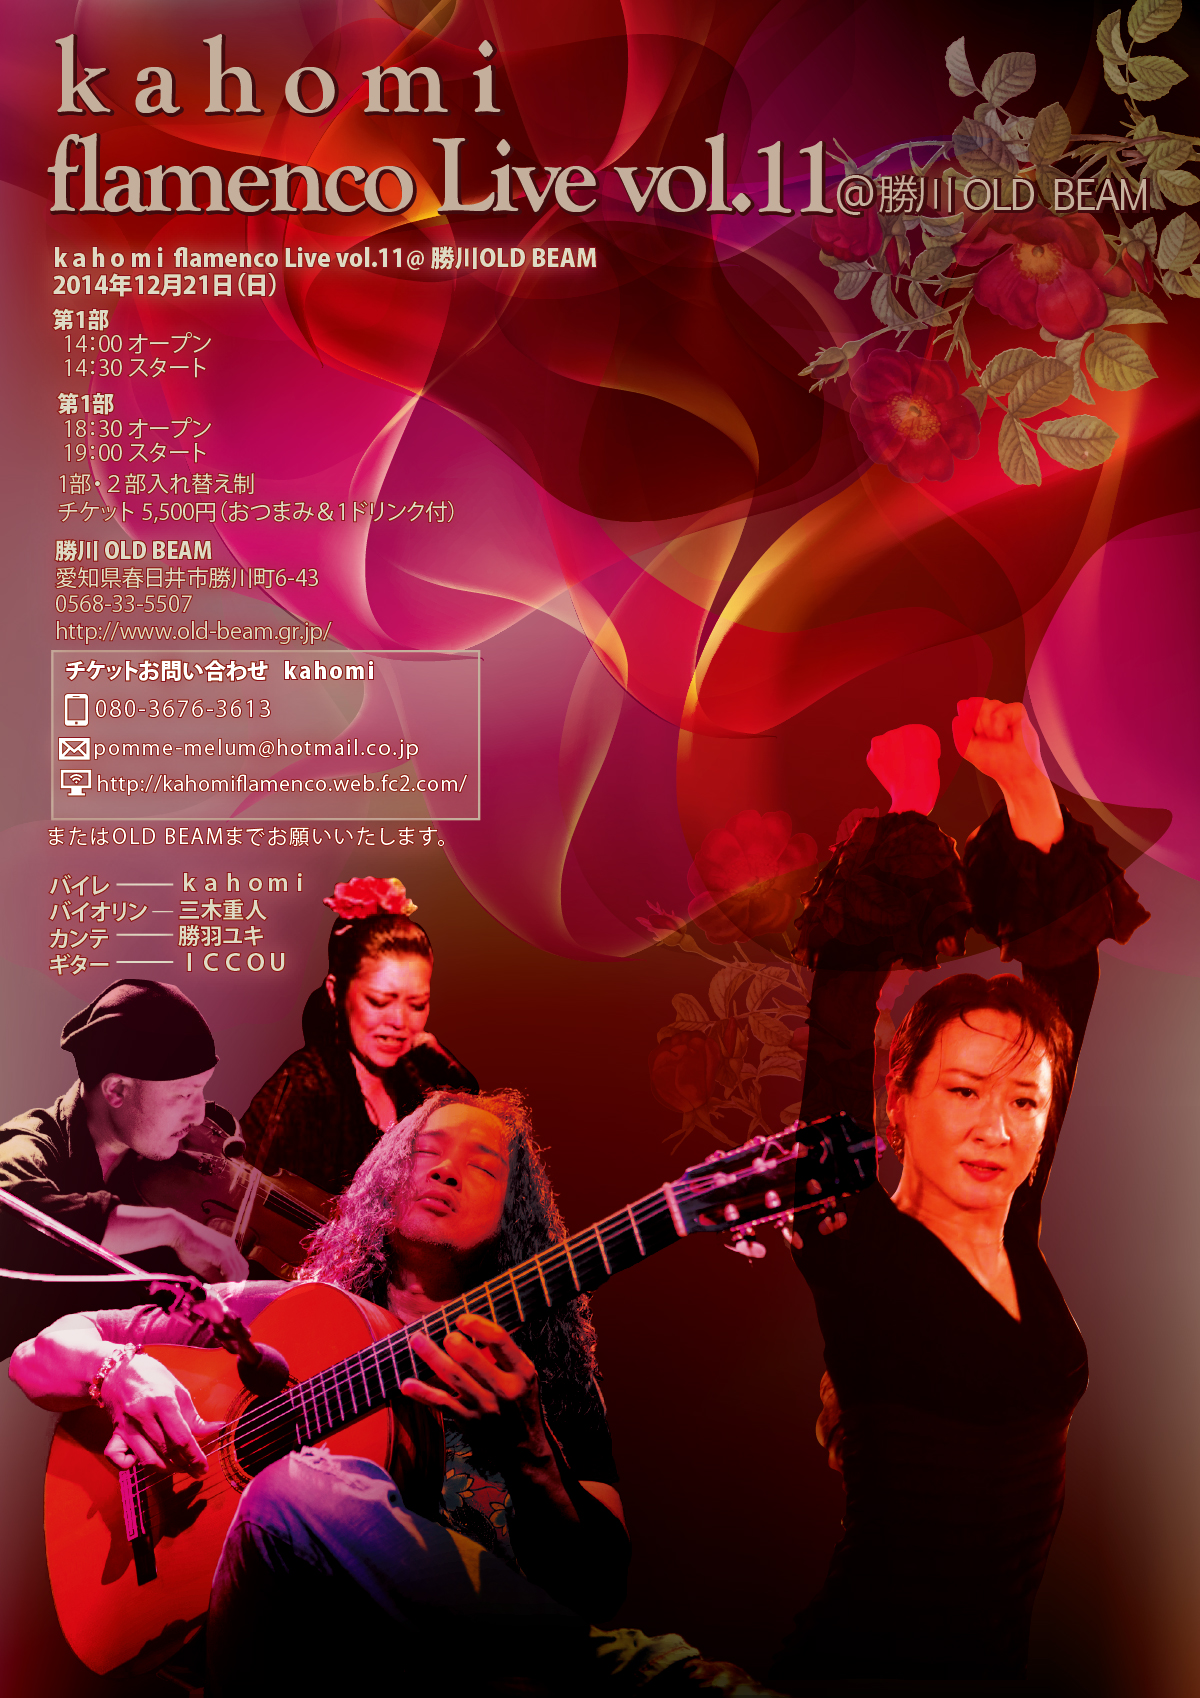 名古屋市東区のホームページ制作 パンフレット制作 ポスター制作会社のOaK 制作実績 Kahomi Flamenco LIVEポスター制作